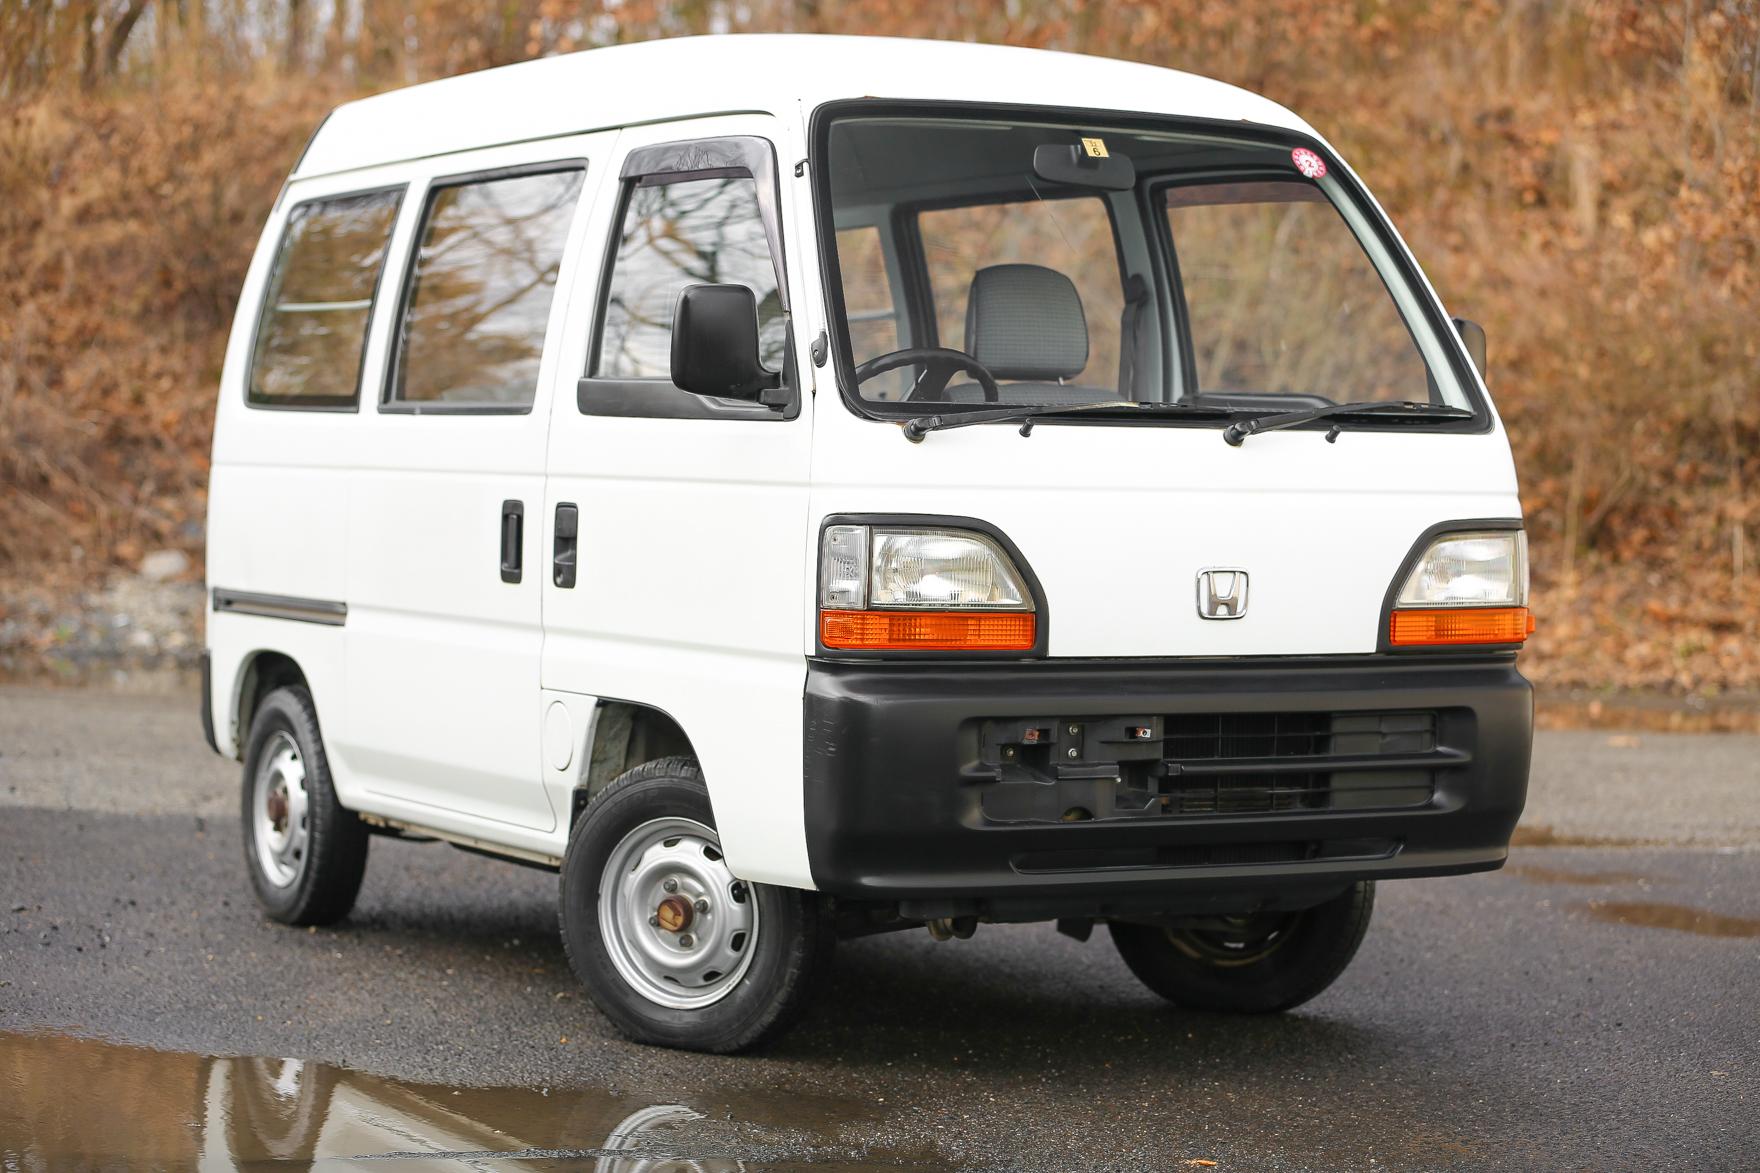 1994 Honda ACTY Van - $8,950